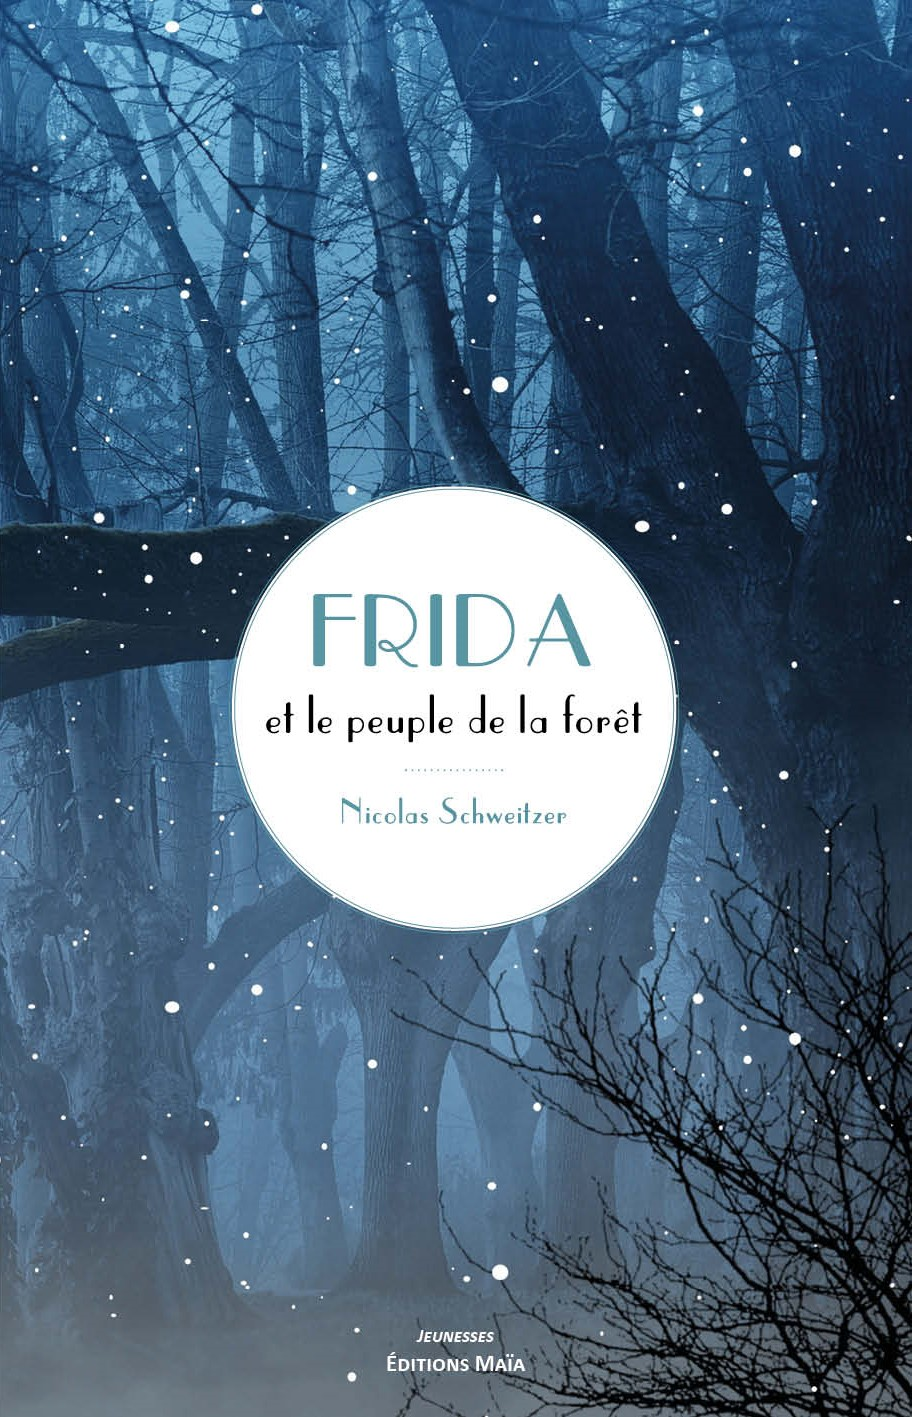 Entretien avec Nicolas Schweitzer – Frida et le peuple de la forêt